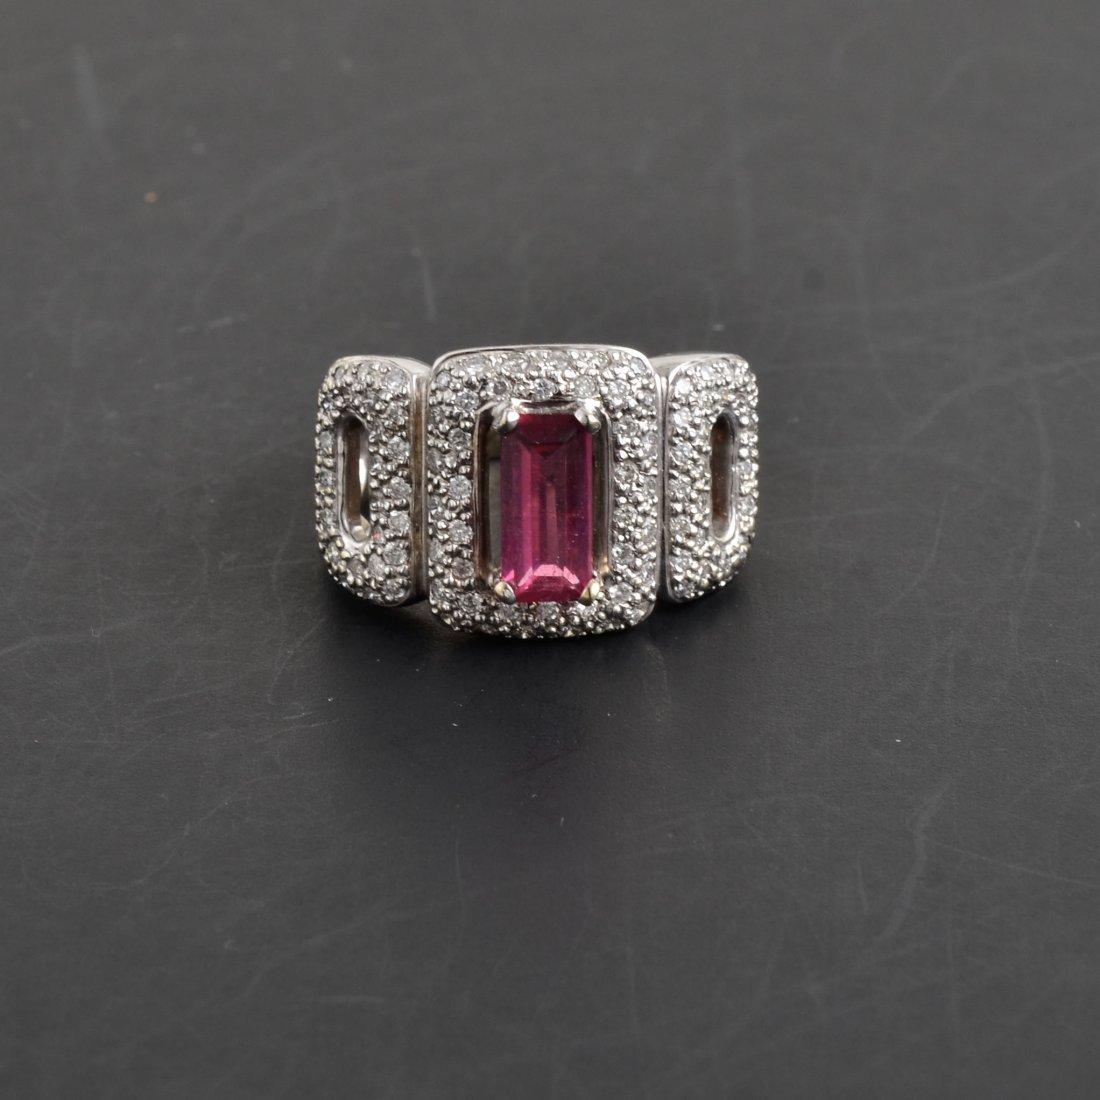 18K WG Diamond & Tourmaline Ring